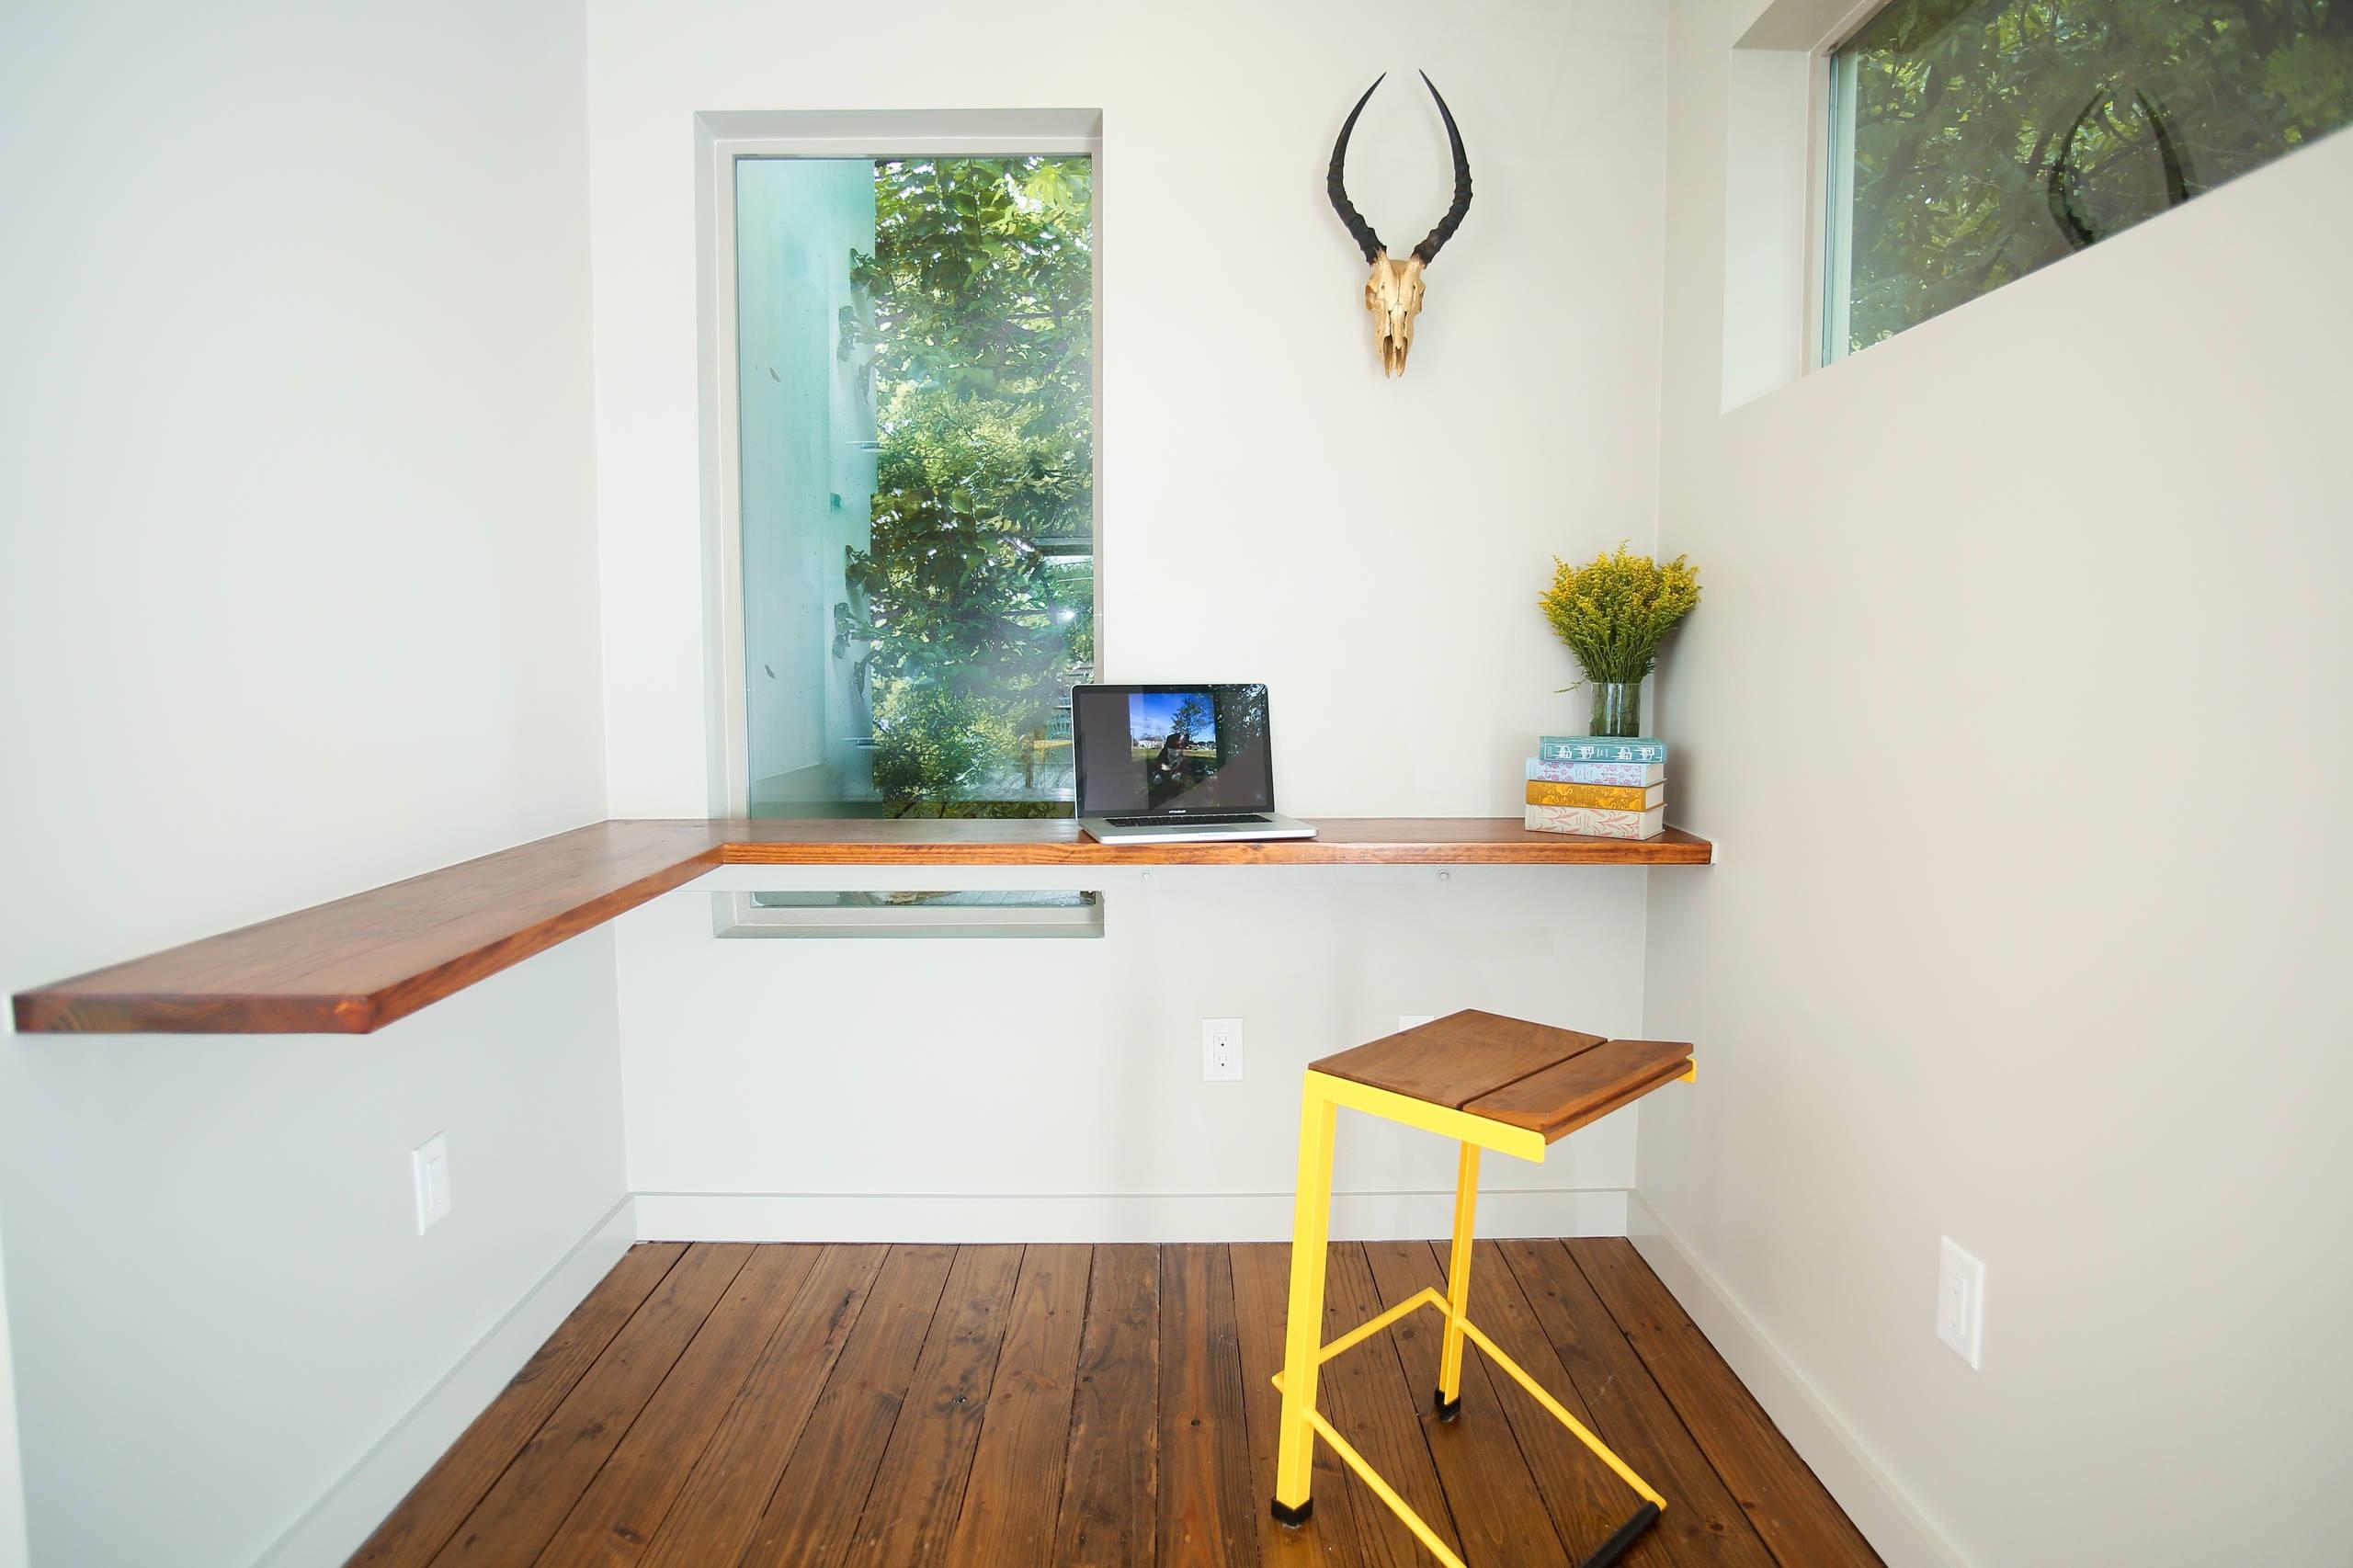 Conception de bureau inhabituelle parfaite pour deux personnes.